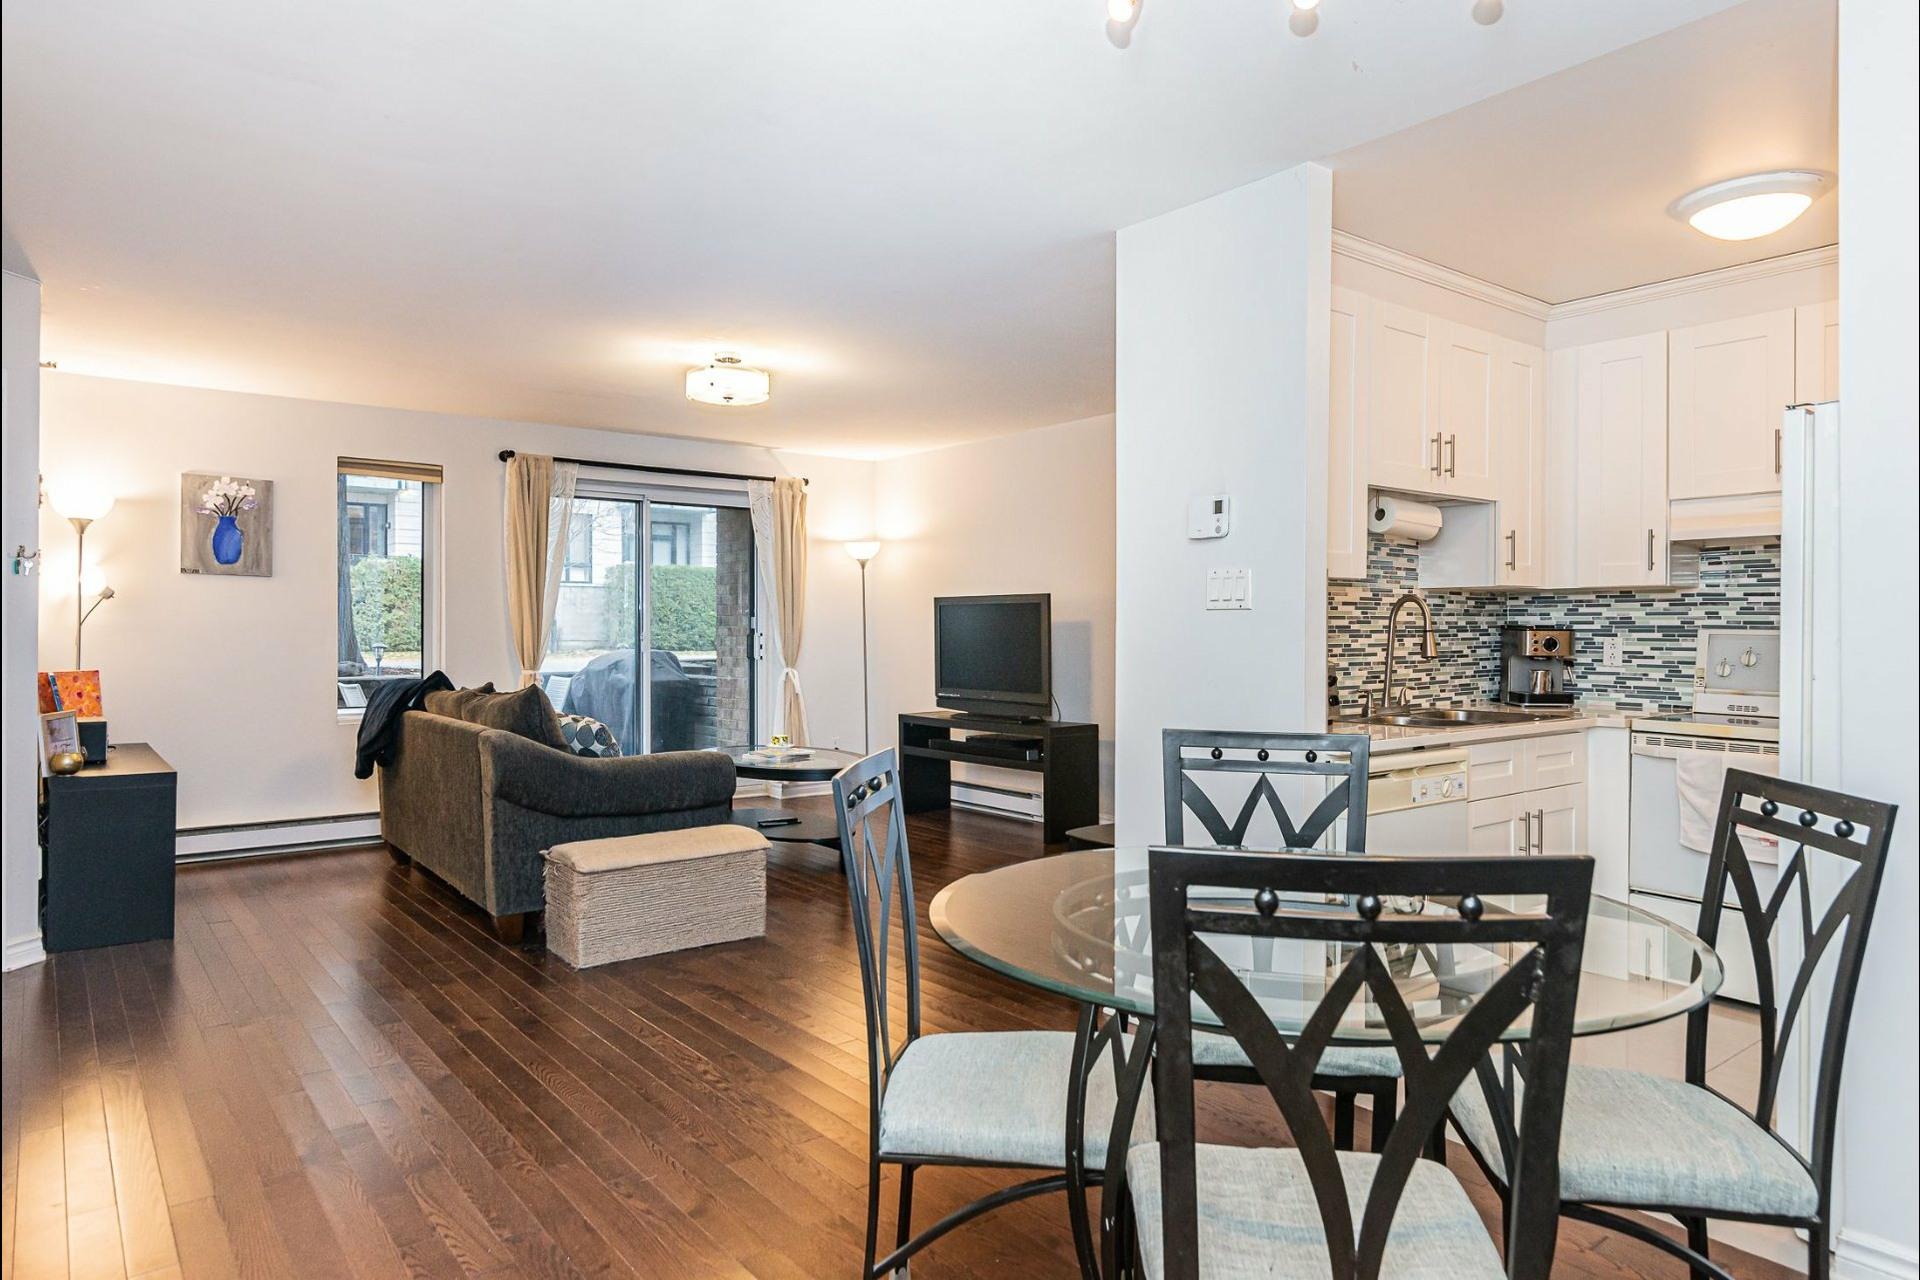 image 5 - Appartement À vendre Ville-Marie Montréal  - 6 pièces